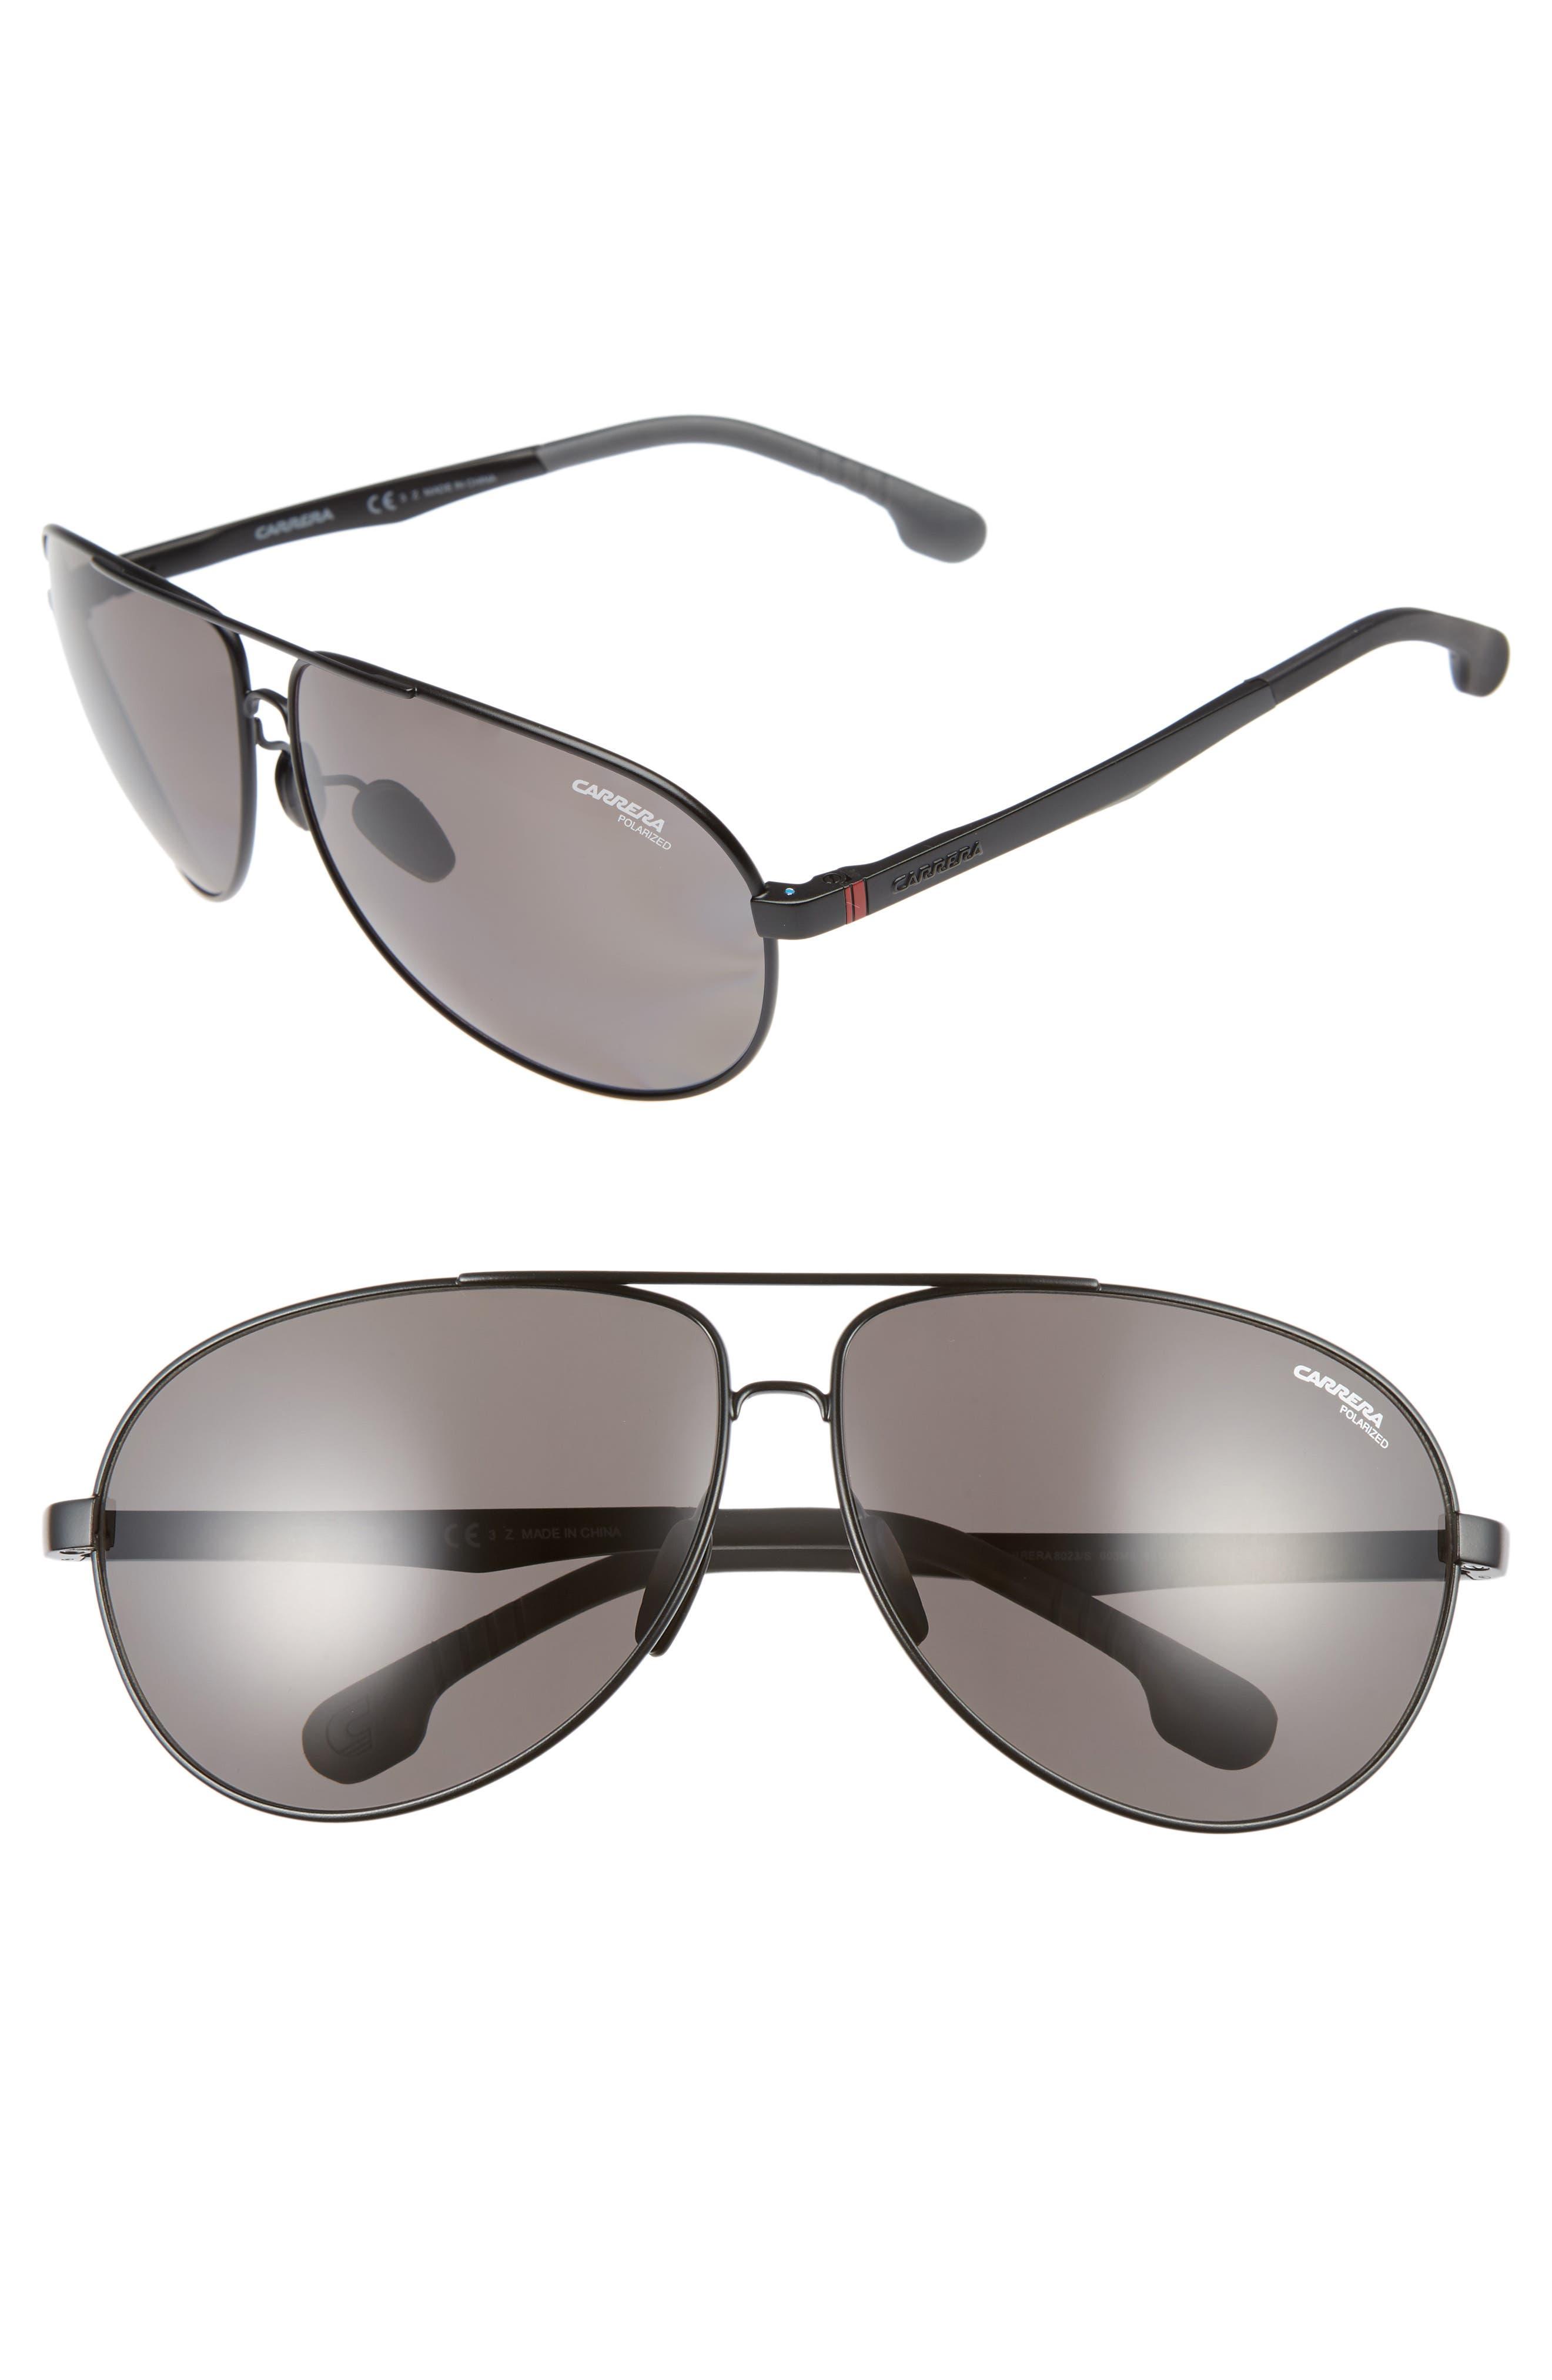 Alternate Image 1 Selected - Carrera Eyewear 66mm Polarized Sunglasses